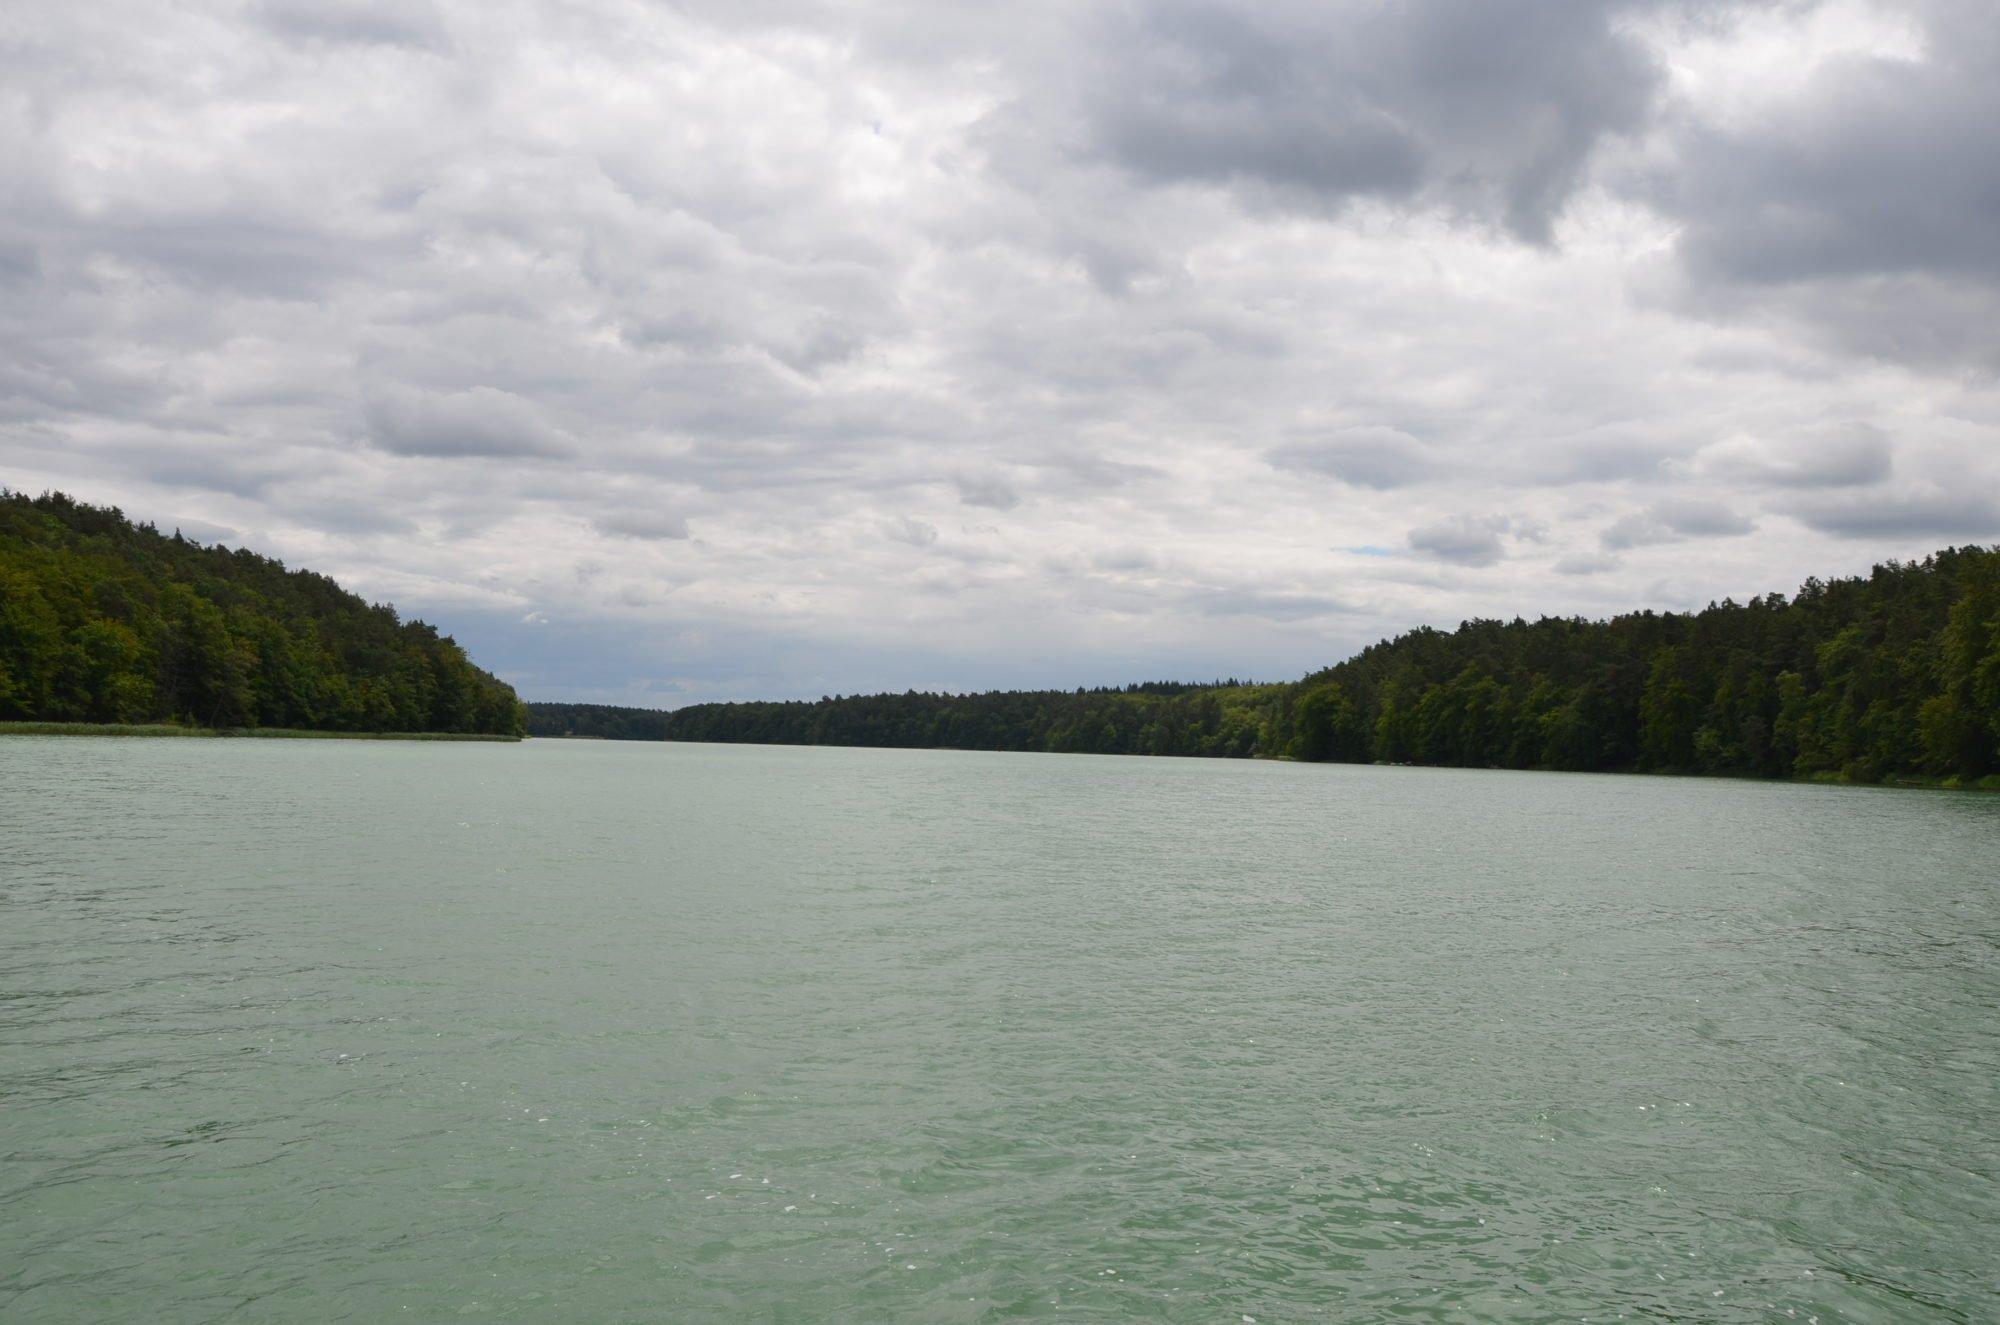 Blick auf den weiten grünen See.